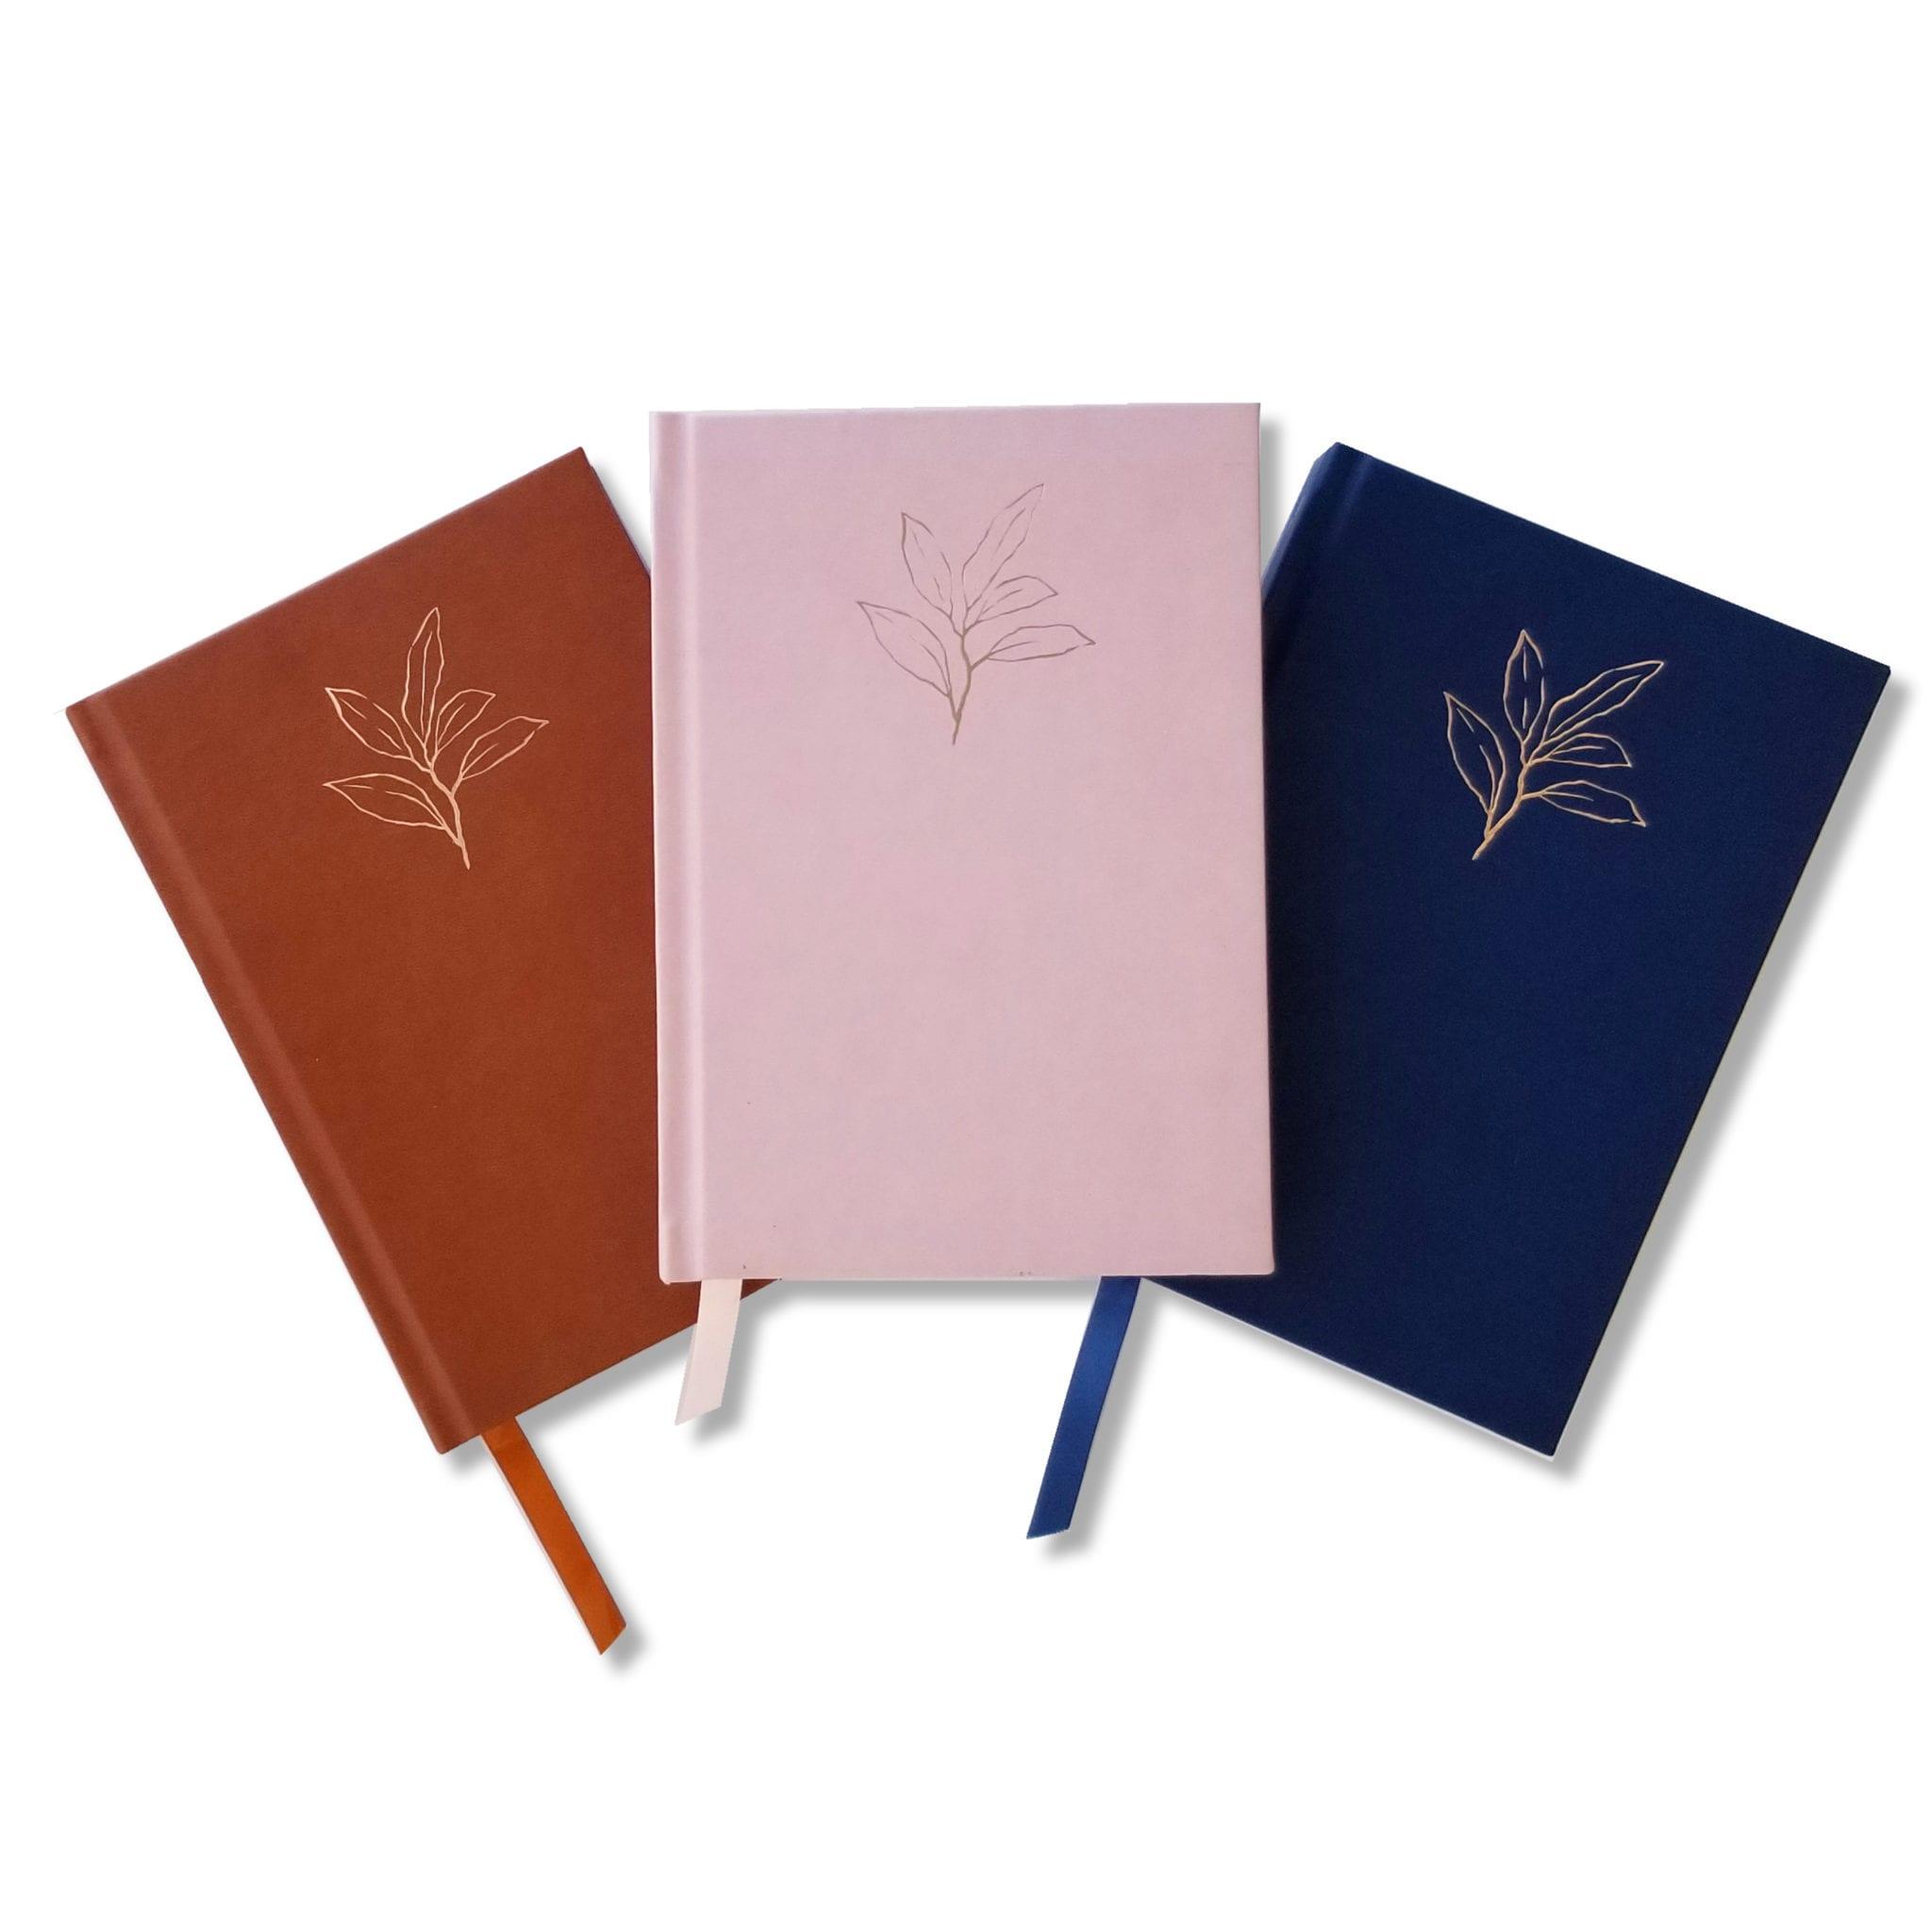 3 journals, white, square